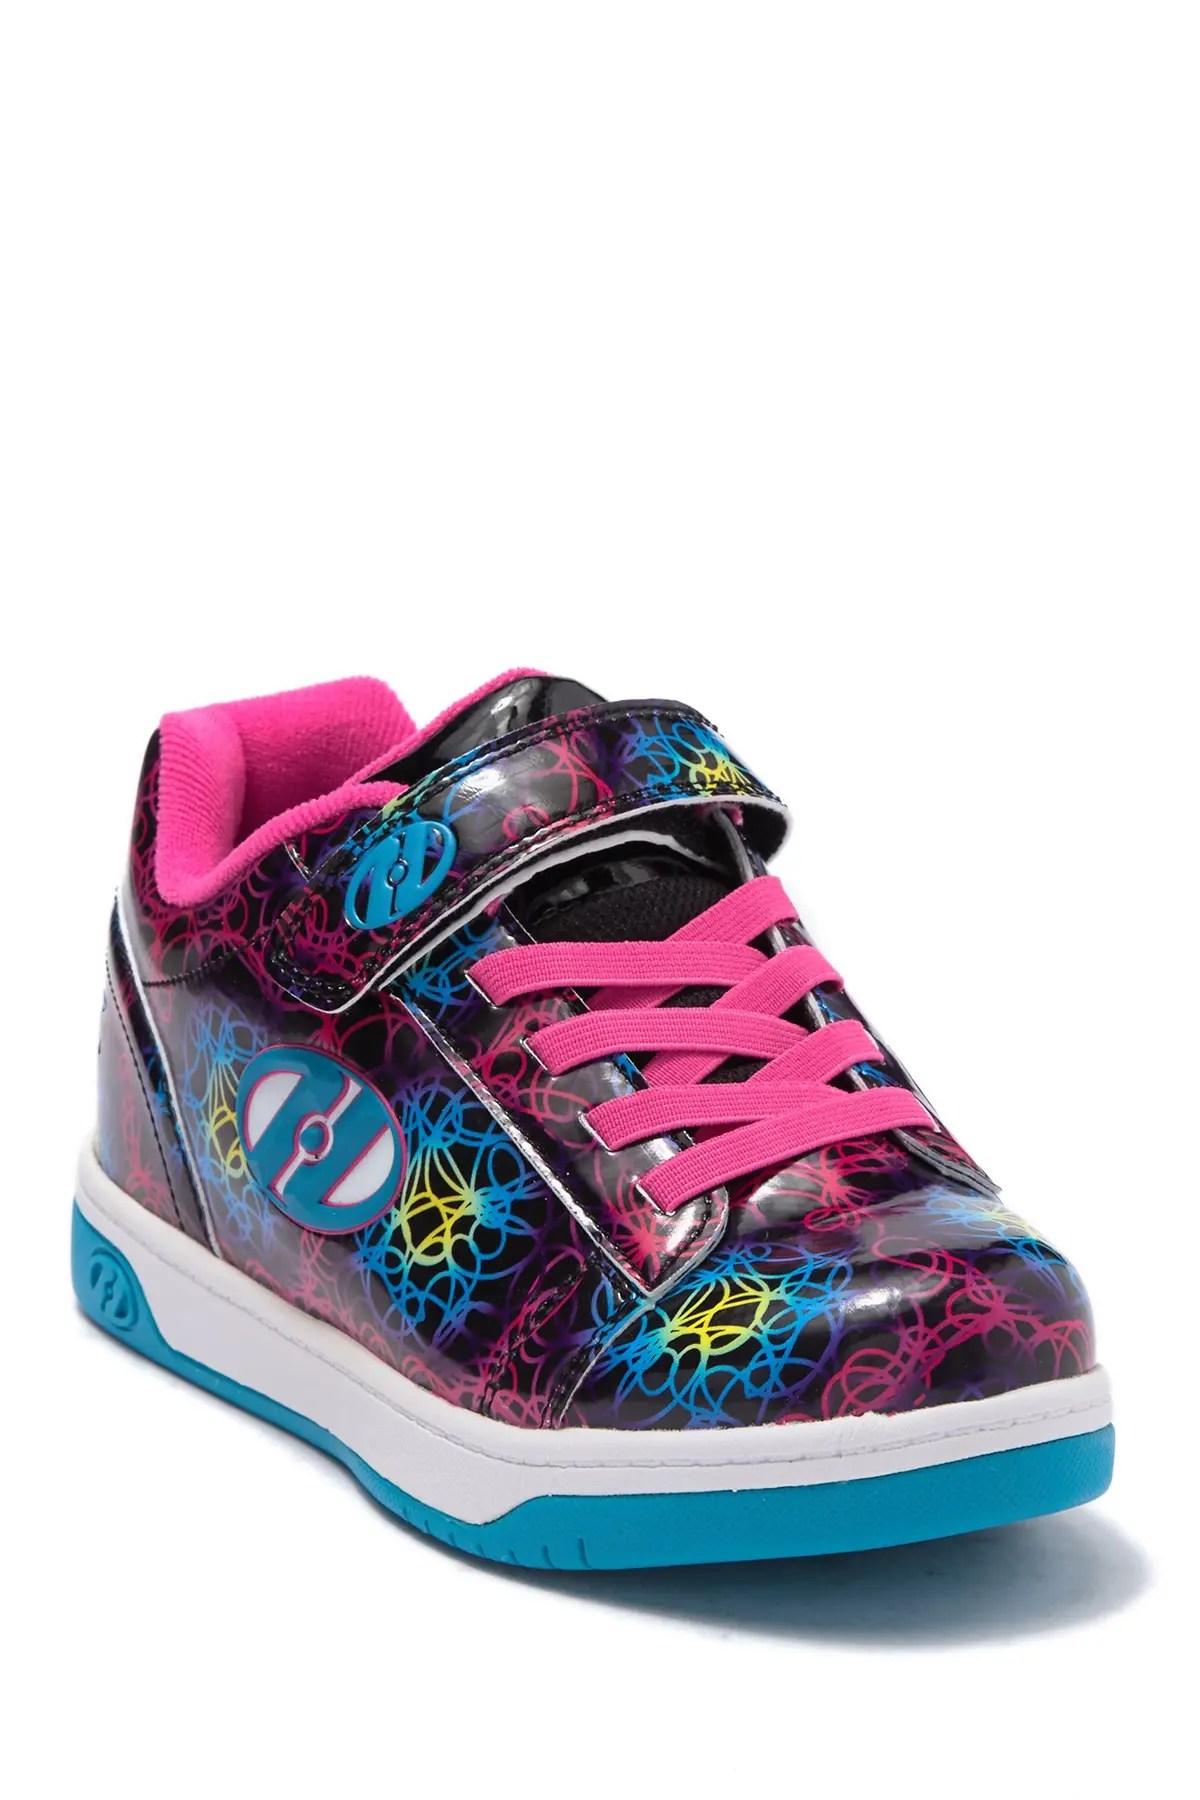 heelys dual up wheeled skate shoe